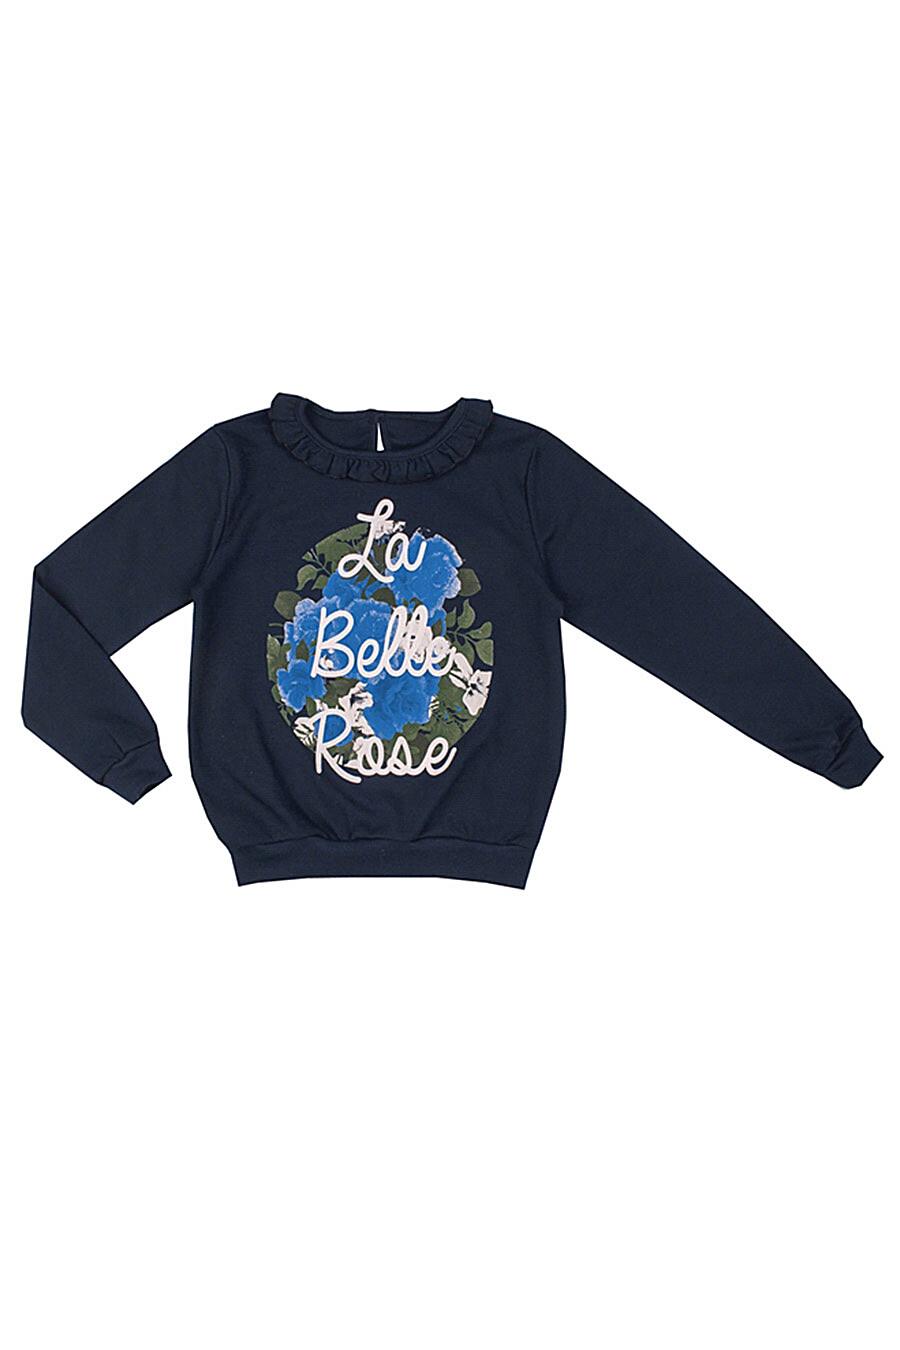 Джемпер для девочек Archi 131241 купить оптом от производителя. Совместная покупка детской одежды в OptMoyo